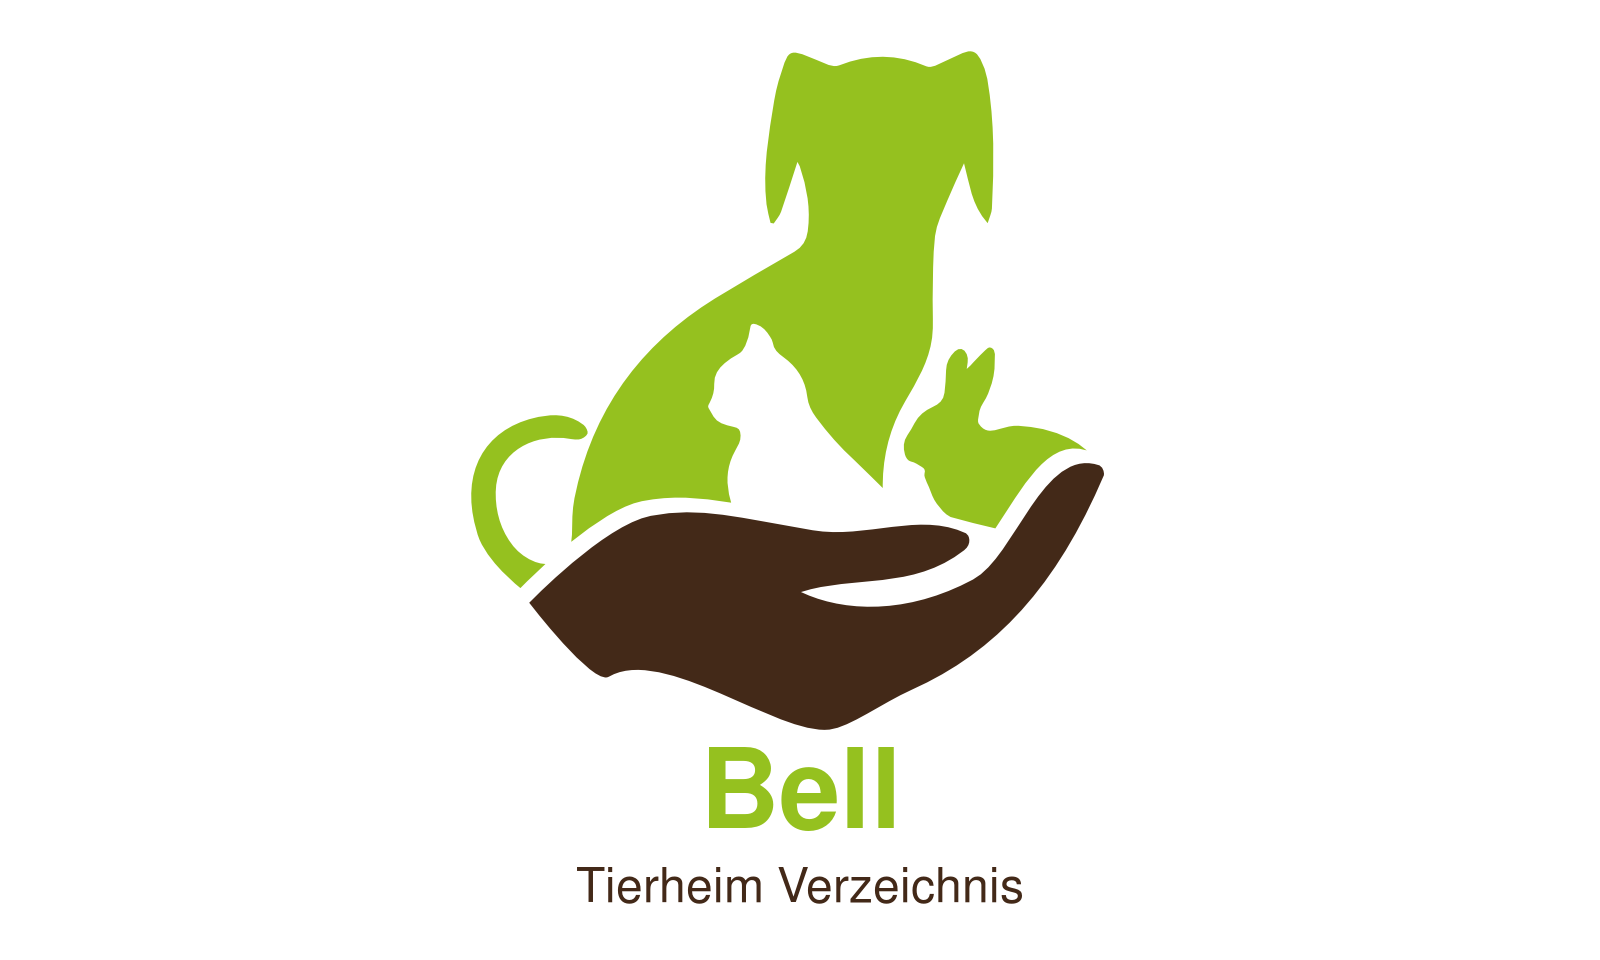 Tierheim Bell